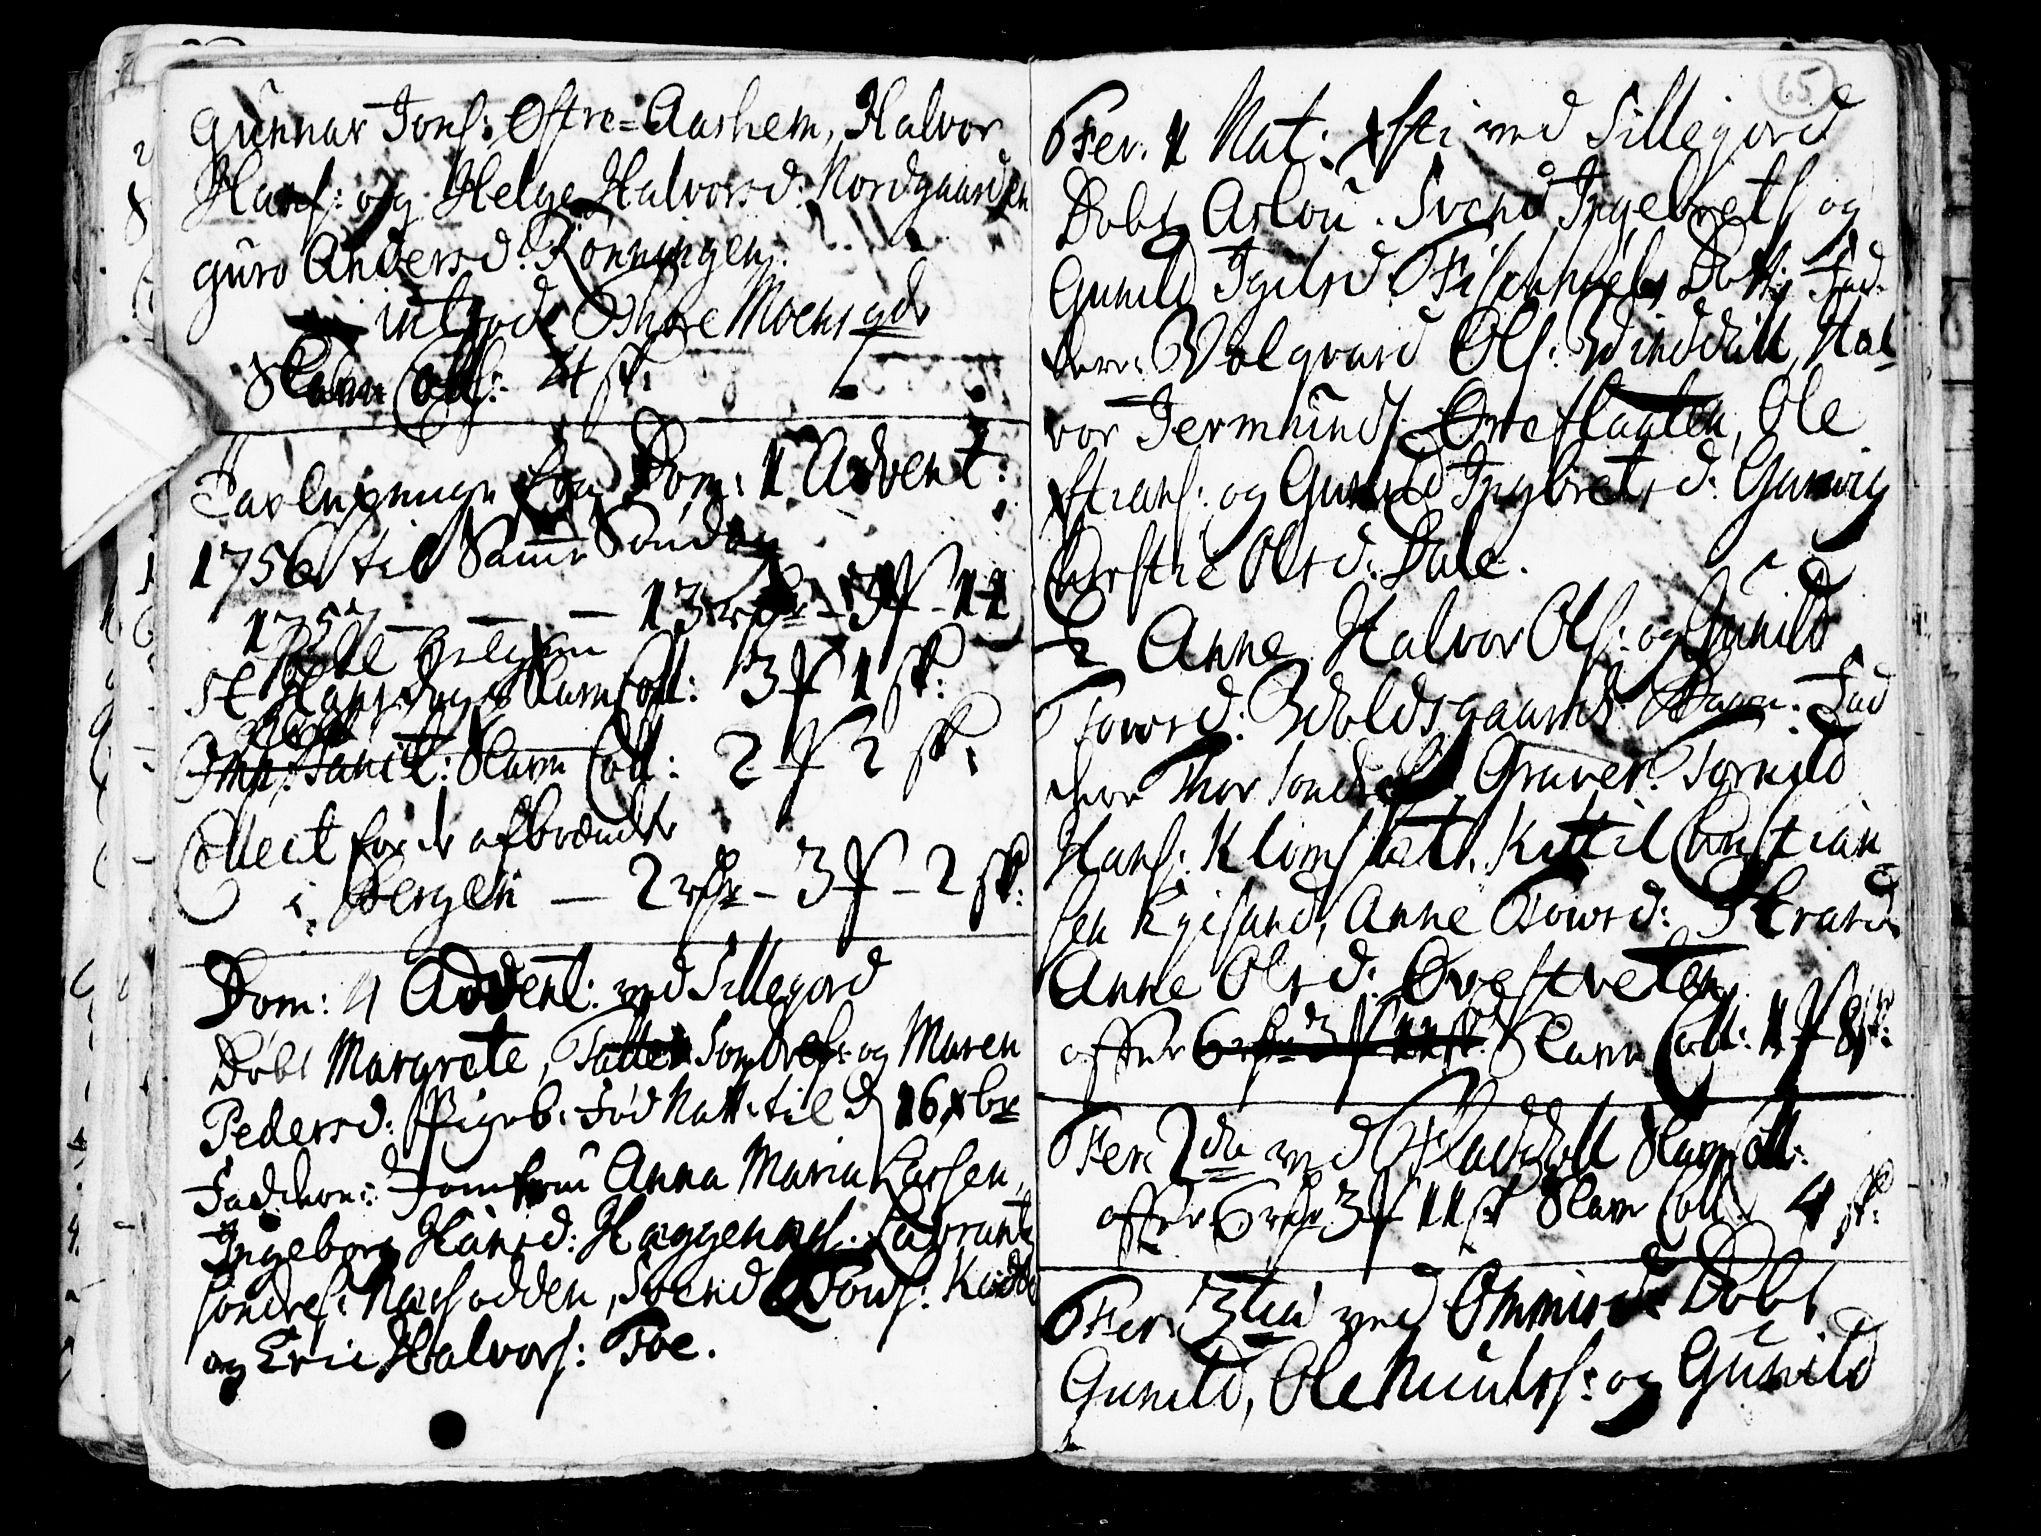 SAKO, Seljord kirkebøker, G/Gb/L0001: Klokkerbok nr. II 1, 1754-1790, s. 64-65